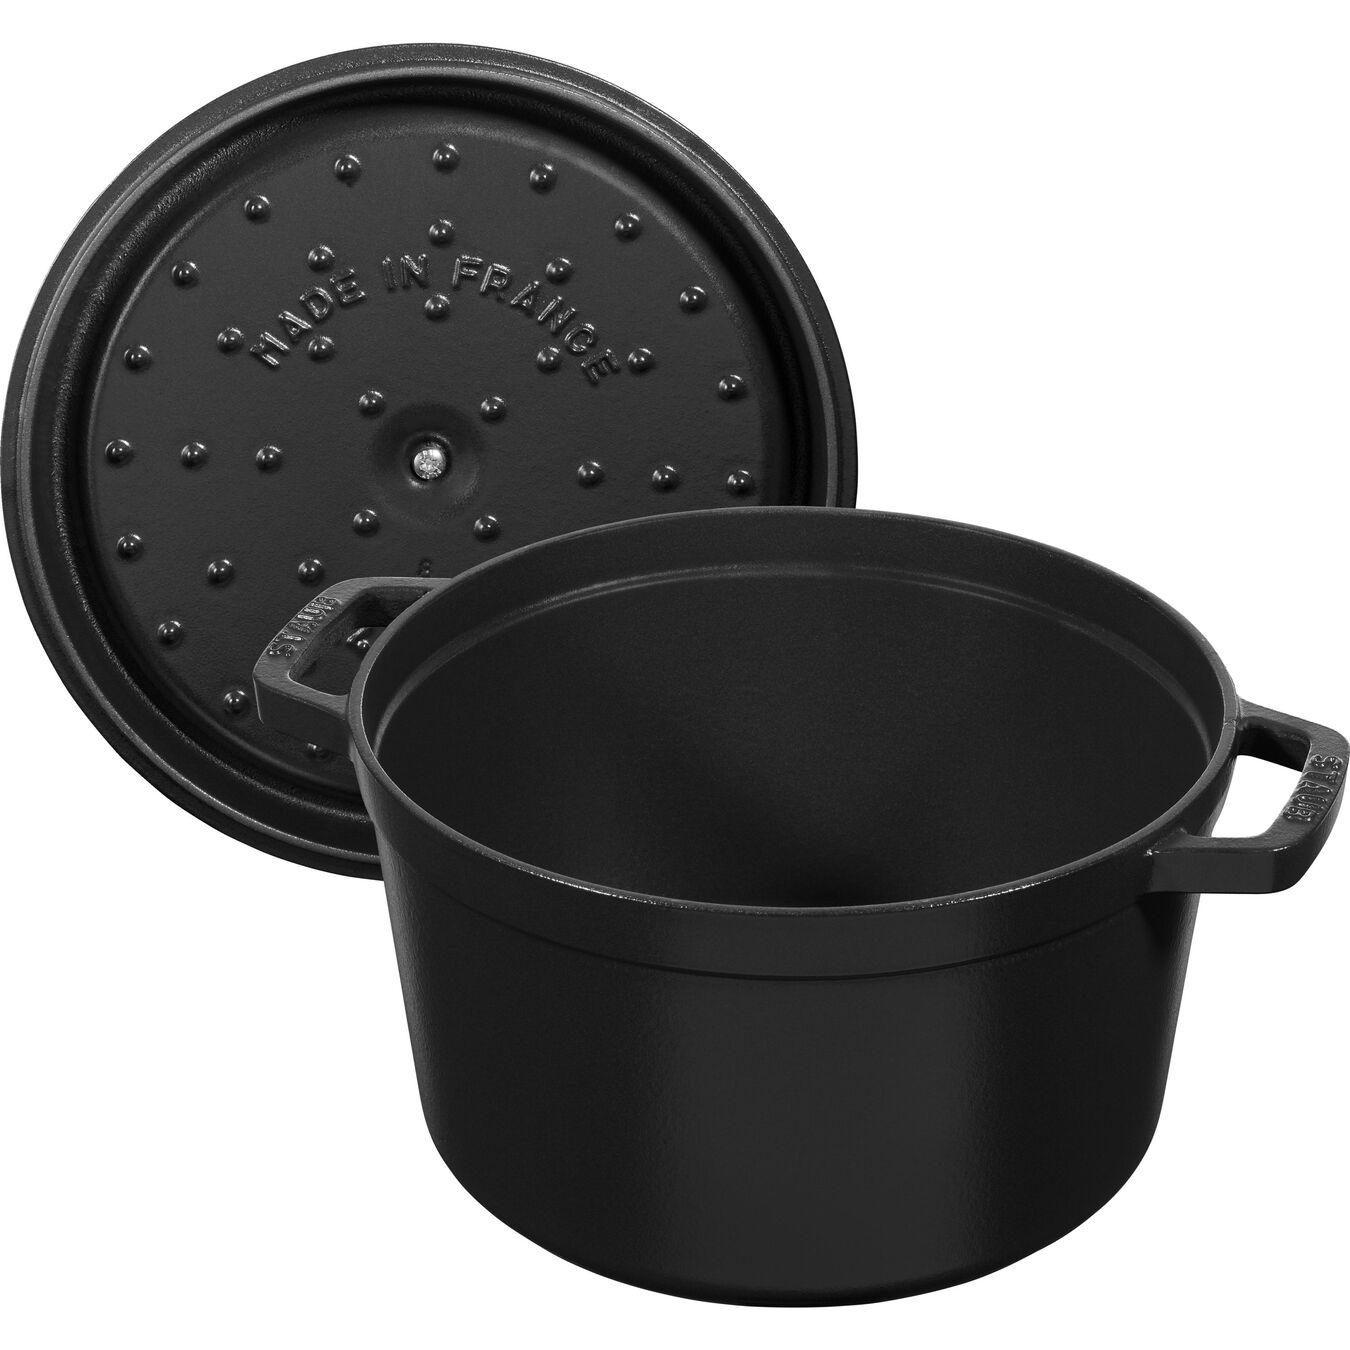 Cocotte 24 cm, Rond(e), Noir, Fonte,,large 5